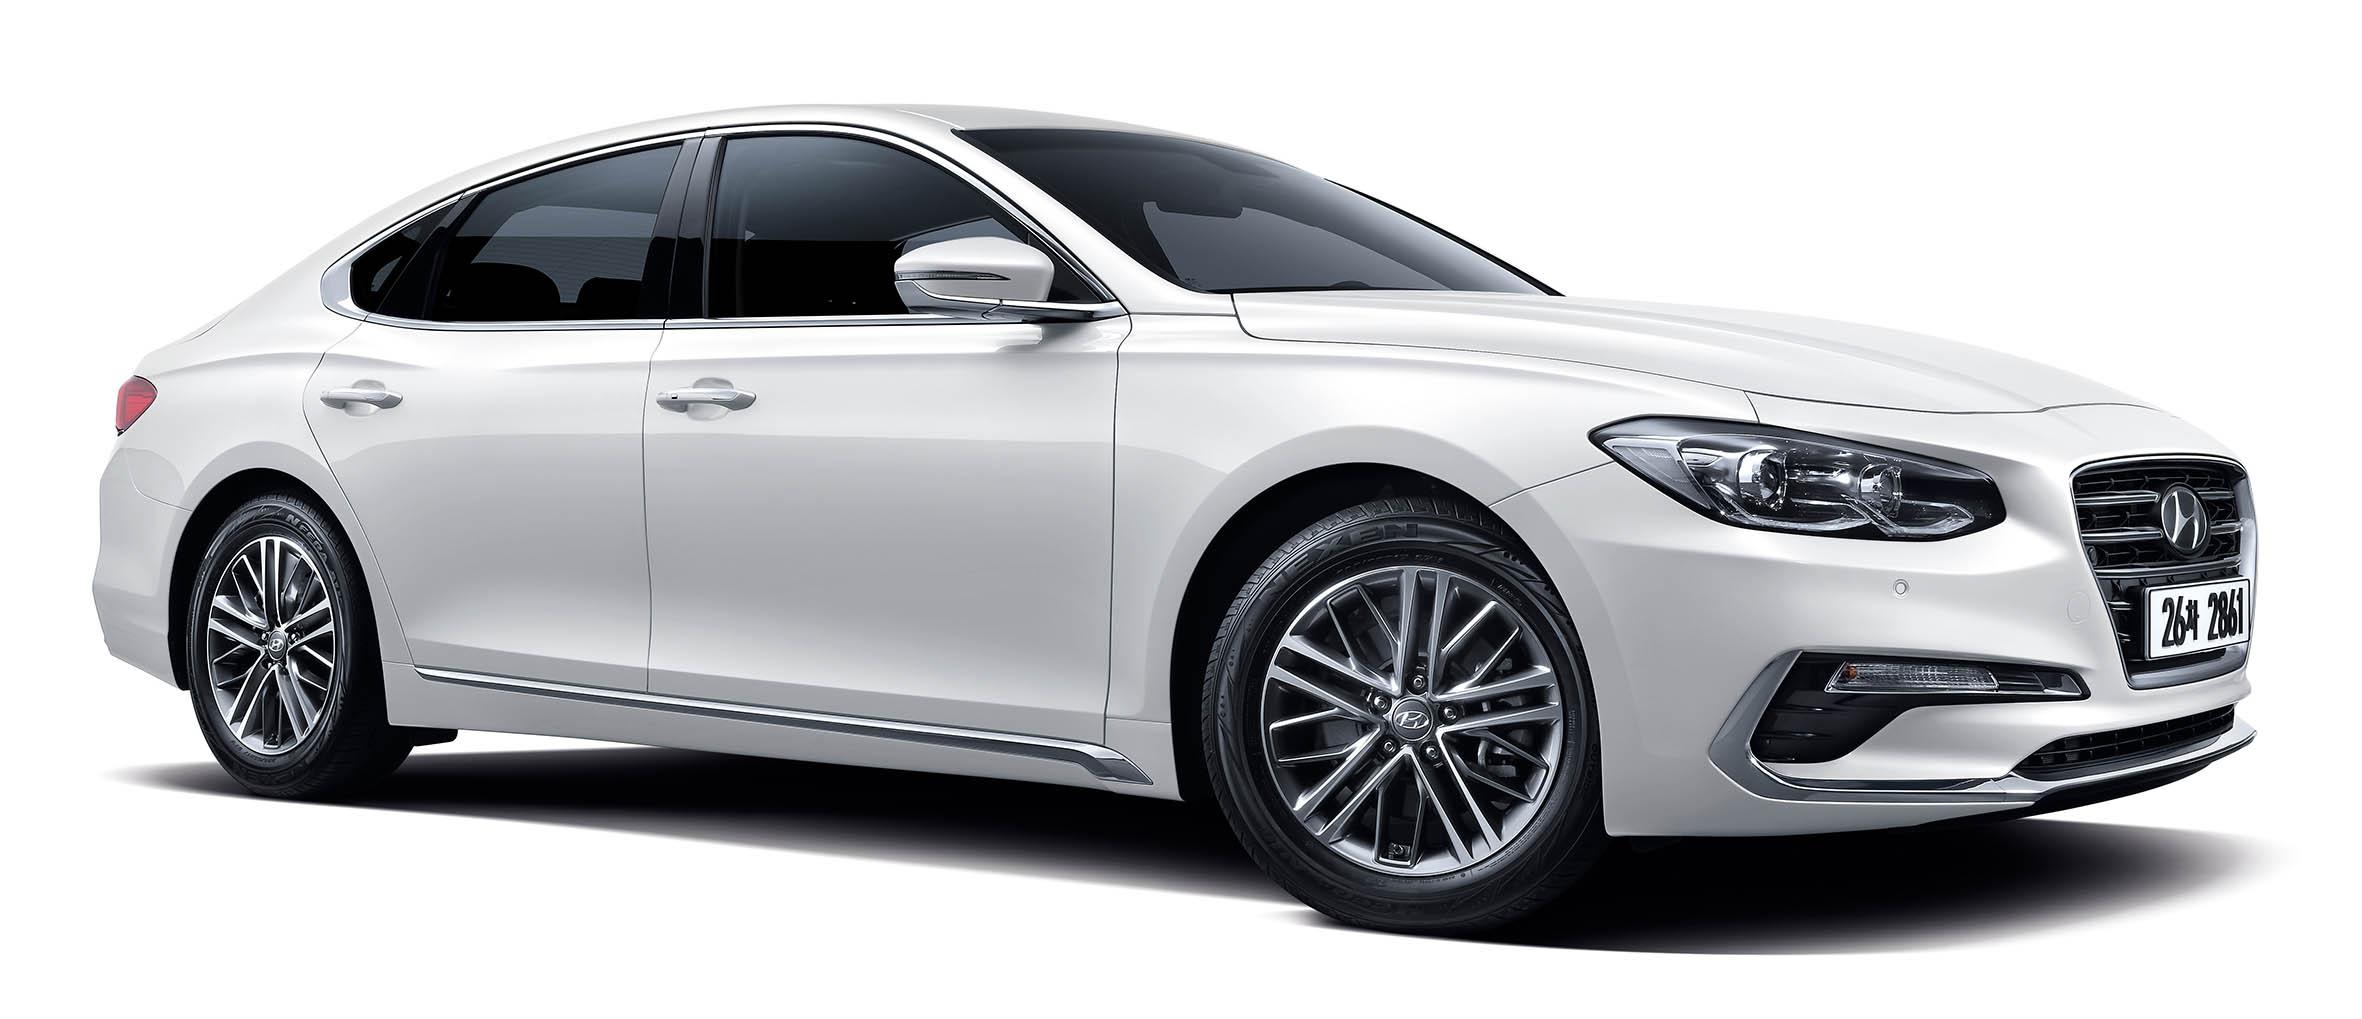 أزيرا الجديدة تحدث تغييراً جذرياً في فئة سيارات السيدان الكبيرة